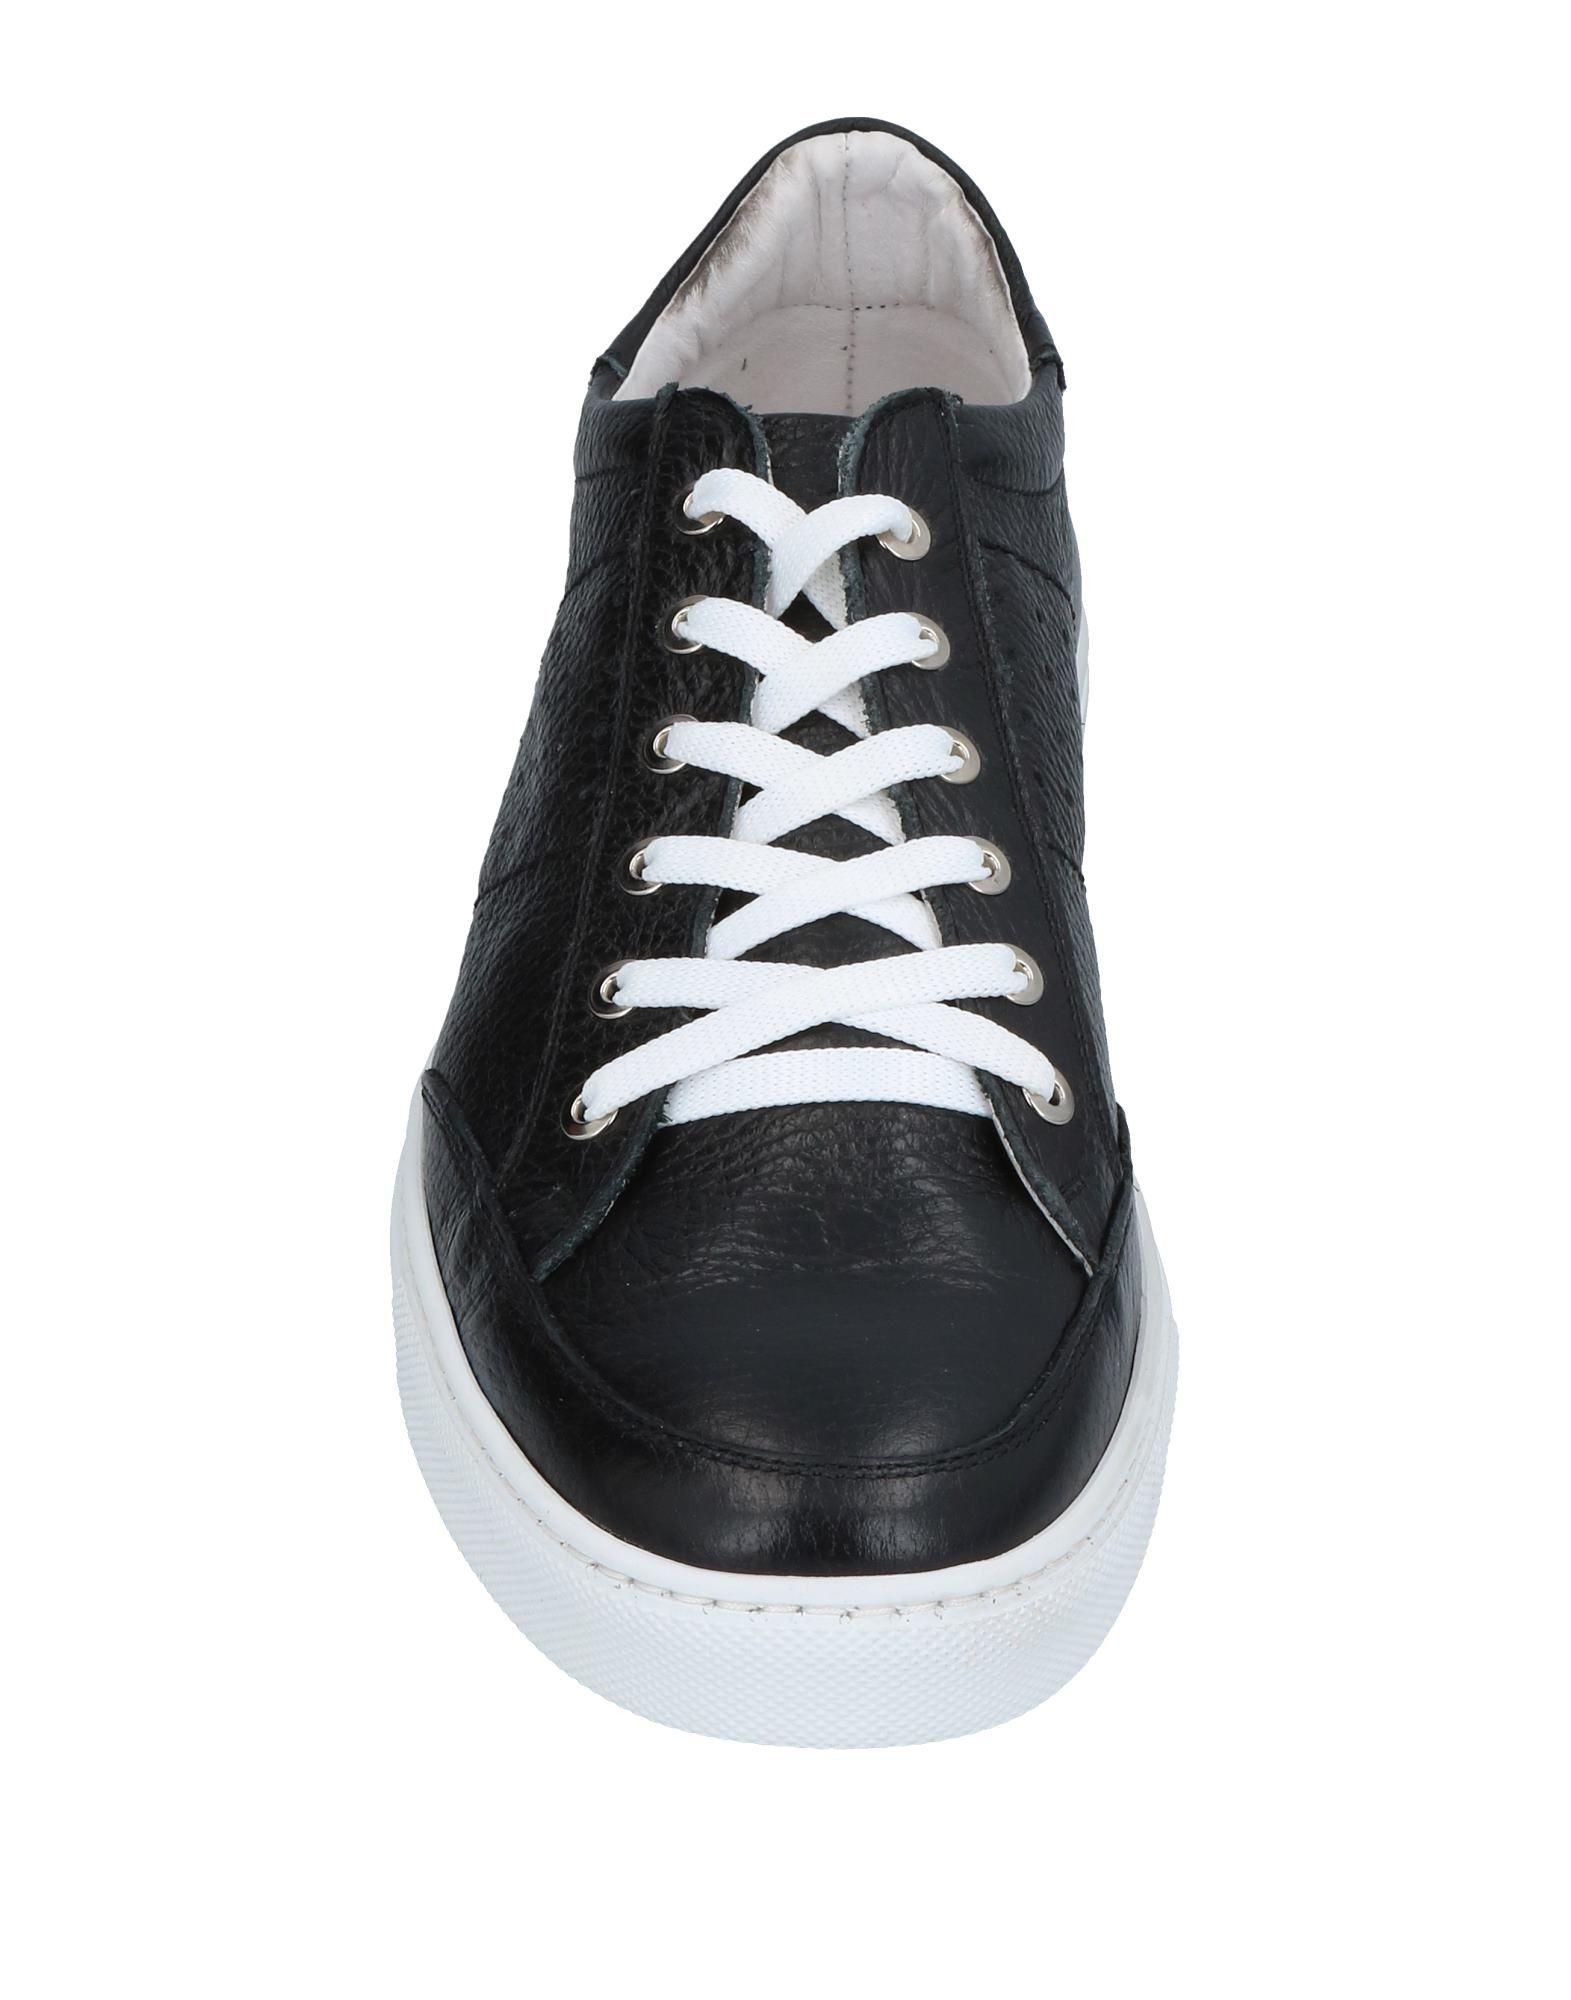 Gianfranco Lattanzi Sneakers Herren  Schuhe 11385383BJ Neue Schuhe  b3641c